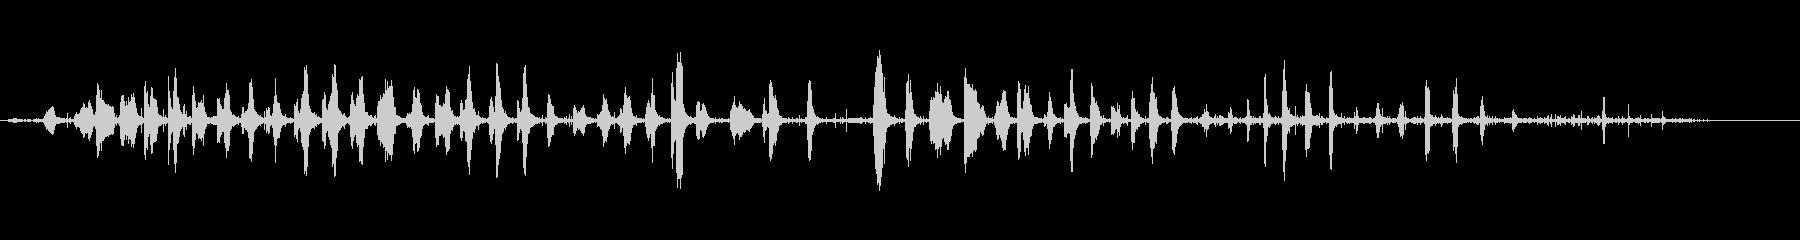 叫ぶコウモリの未再生の波形